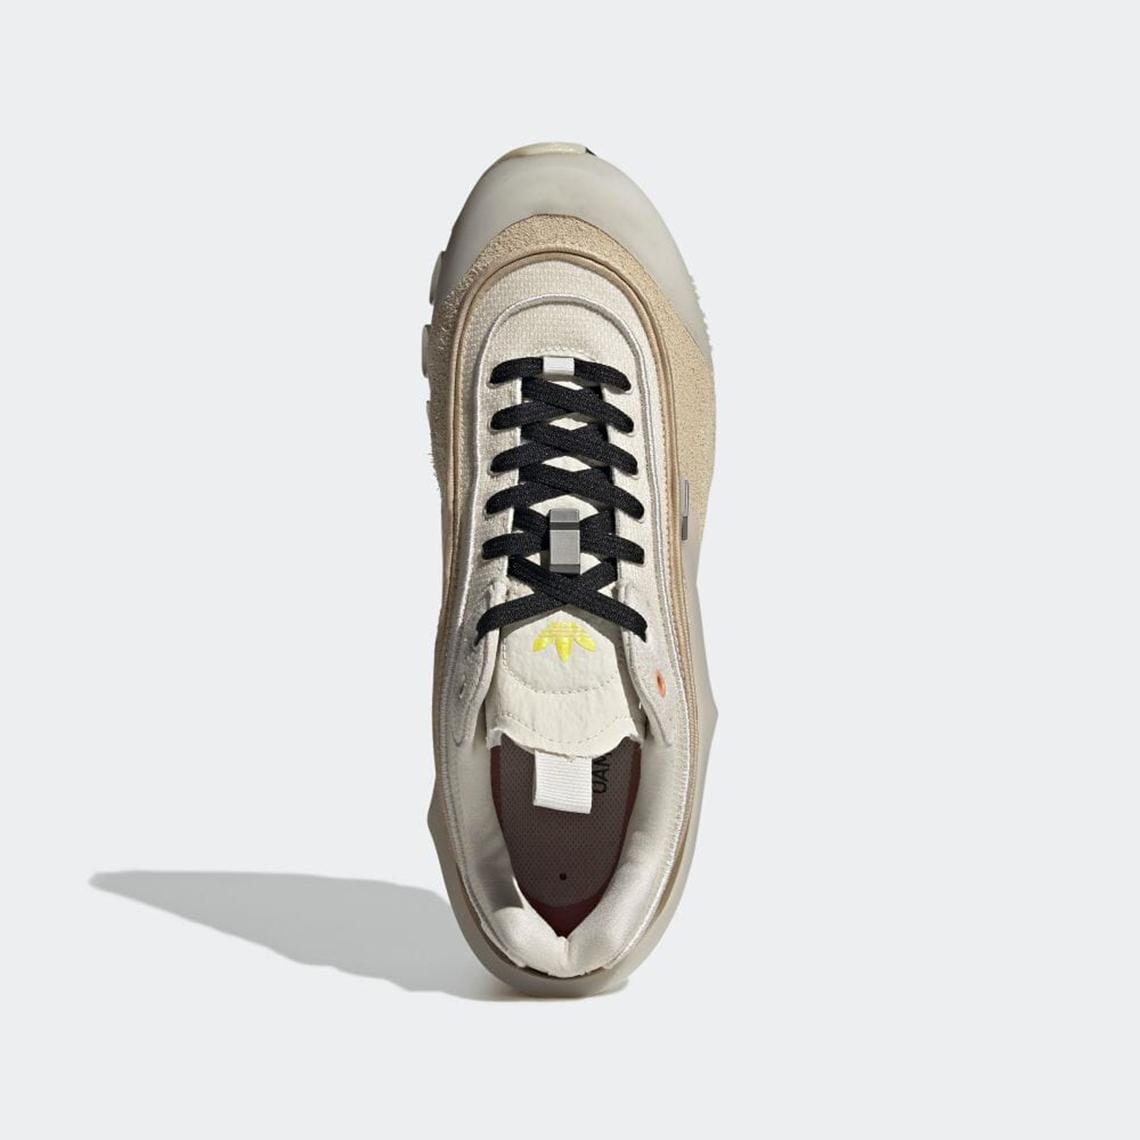 Adidas Type O-9